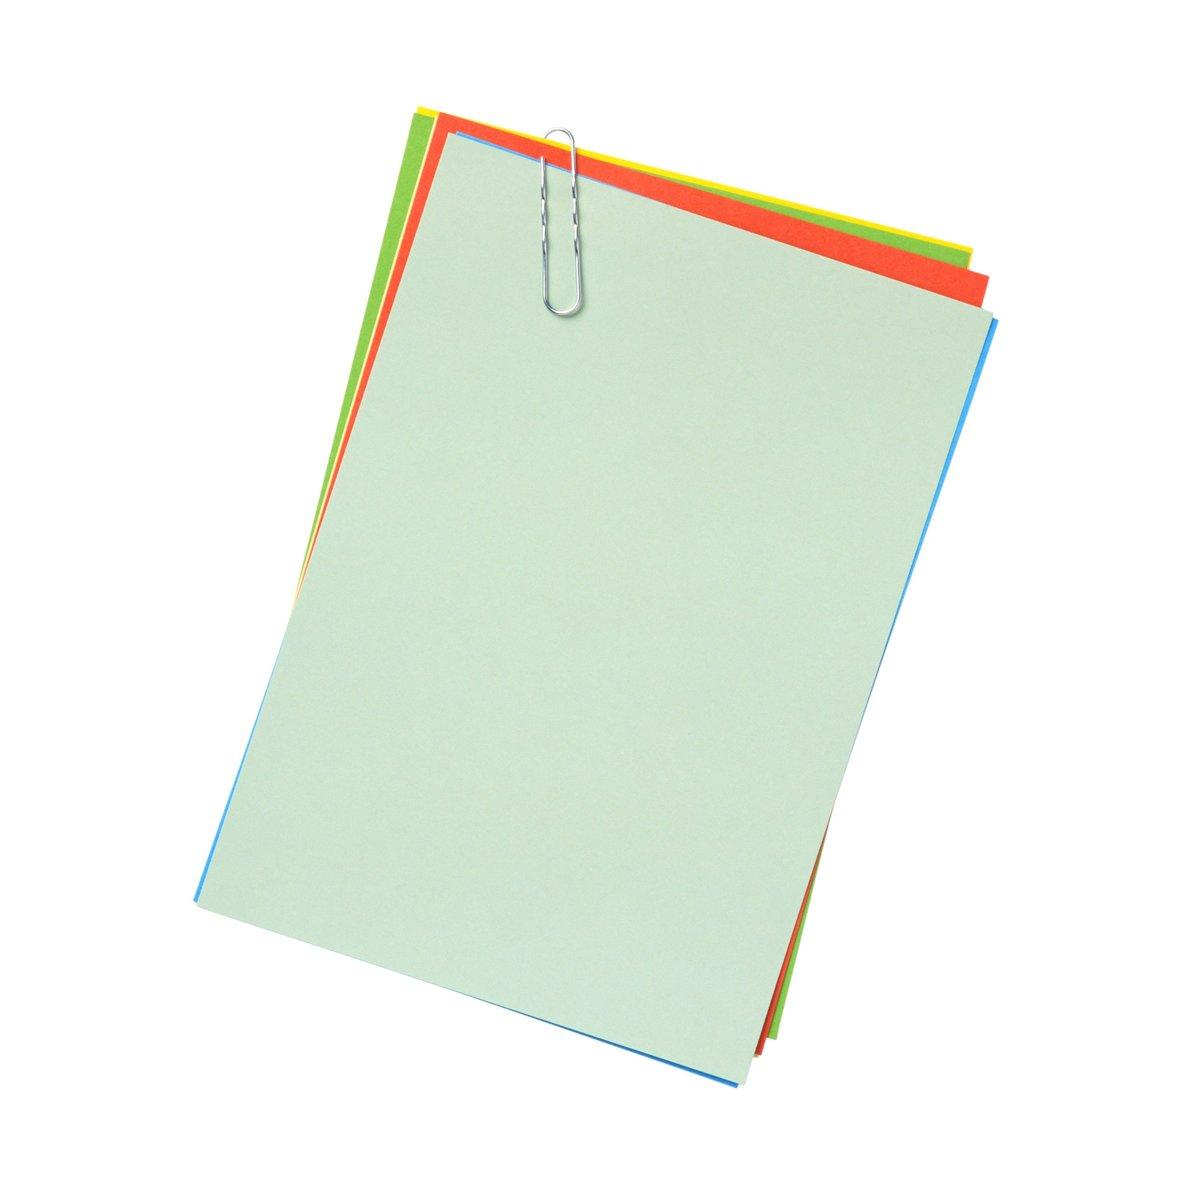 листы бумаги картинки на прозрачном была поражена